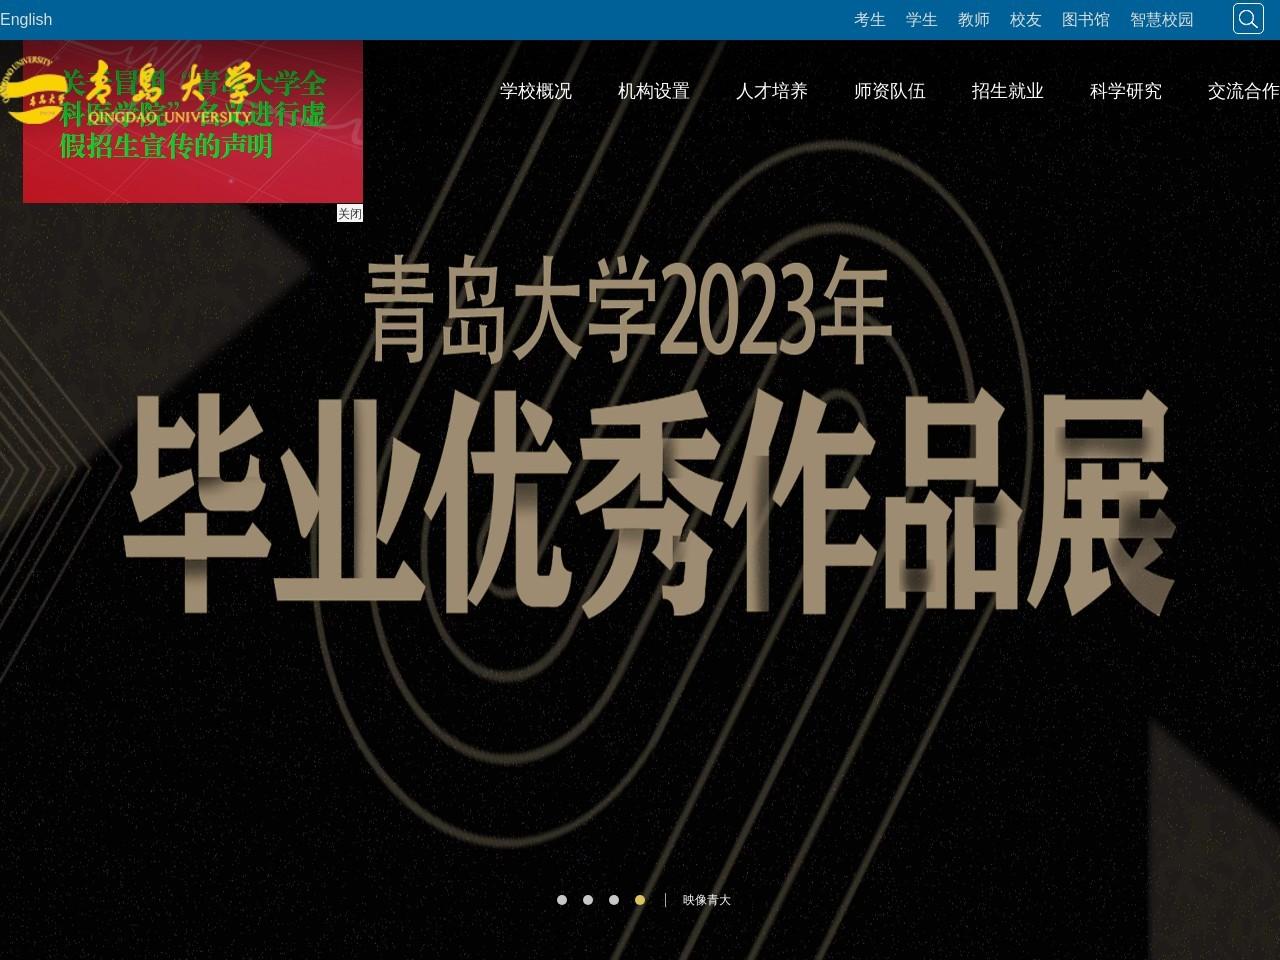 青岛大学官网